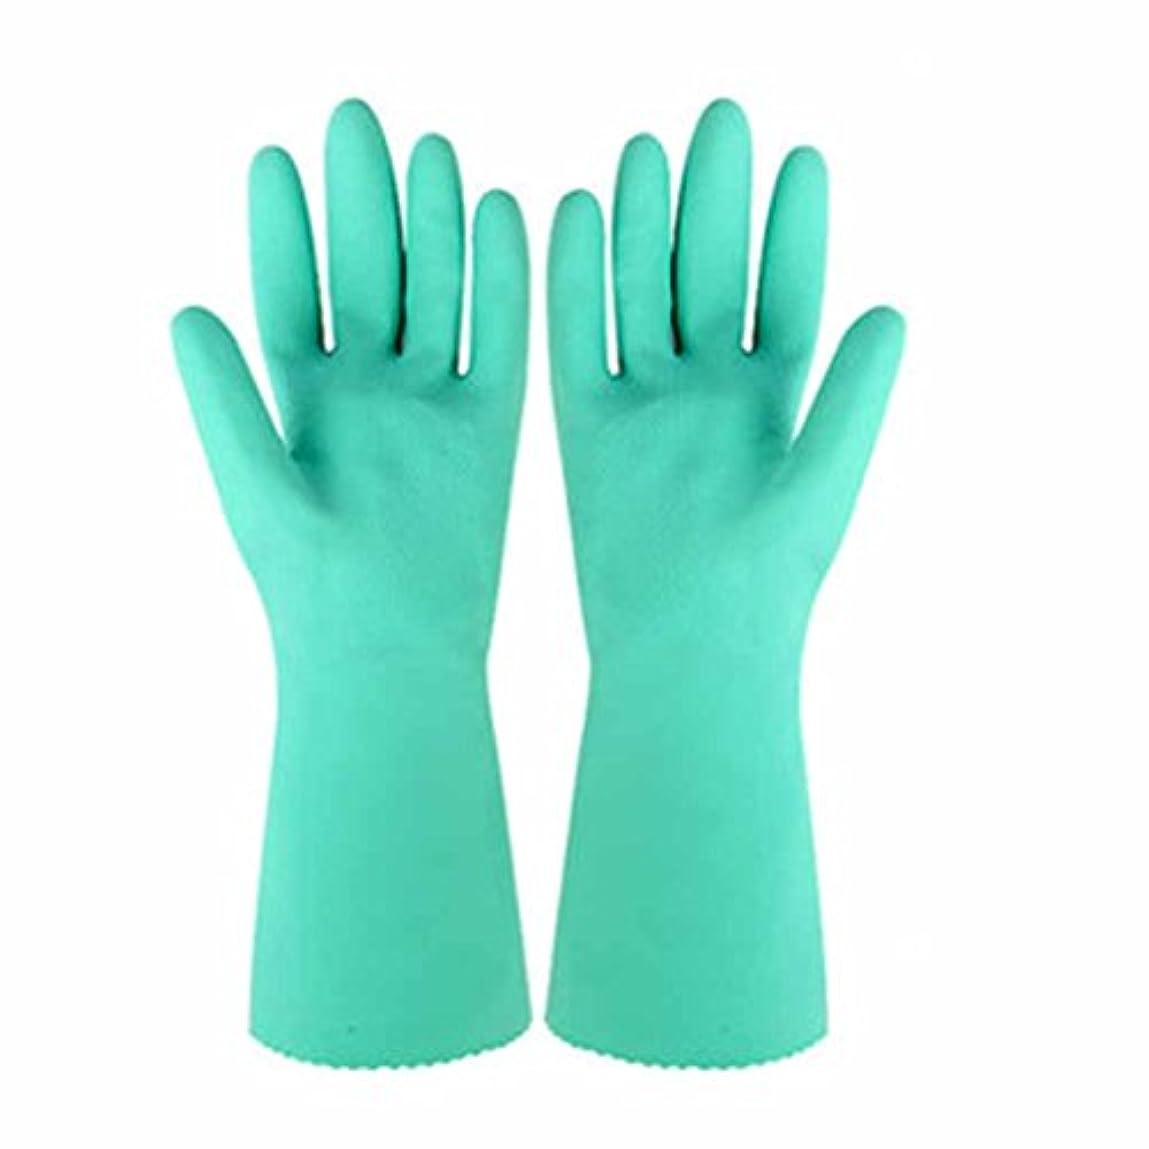 ライオネルグリーンストリート阻害するパンチ使い捨て手袋 天然ゴム滑り止め耐久手袋キッチン多機能防水アンチオイル手袋 (Size : Four)